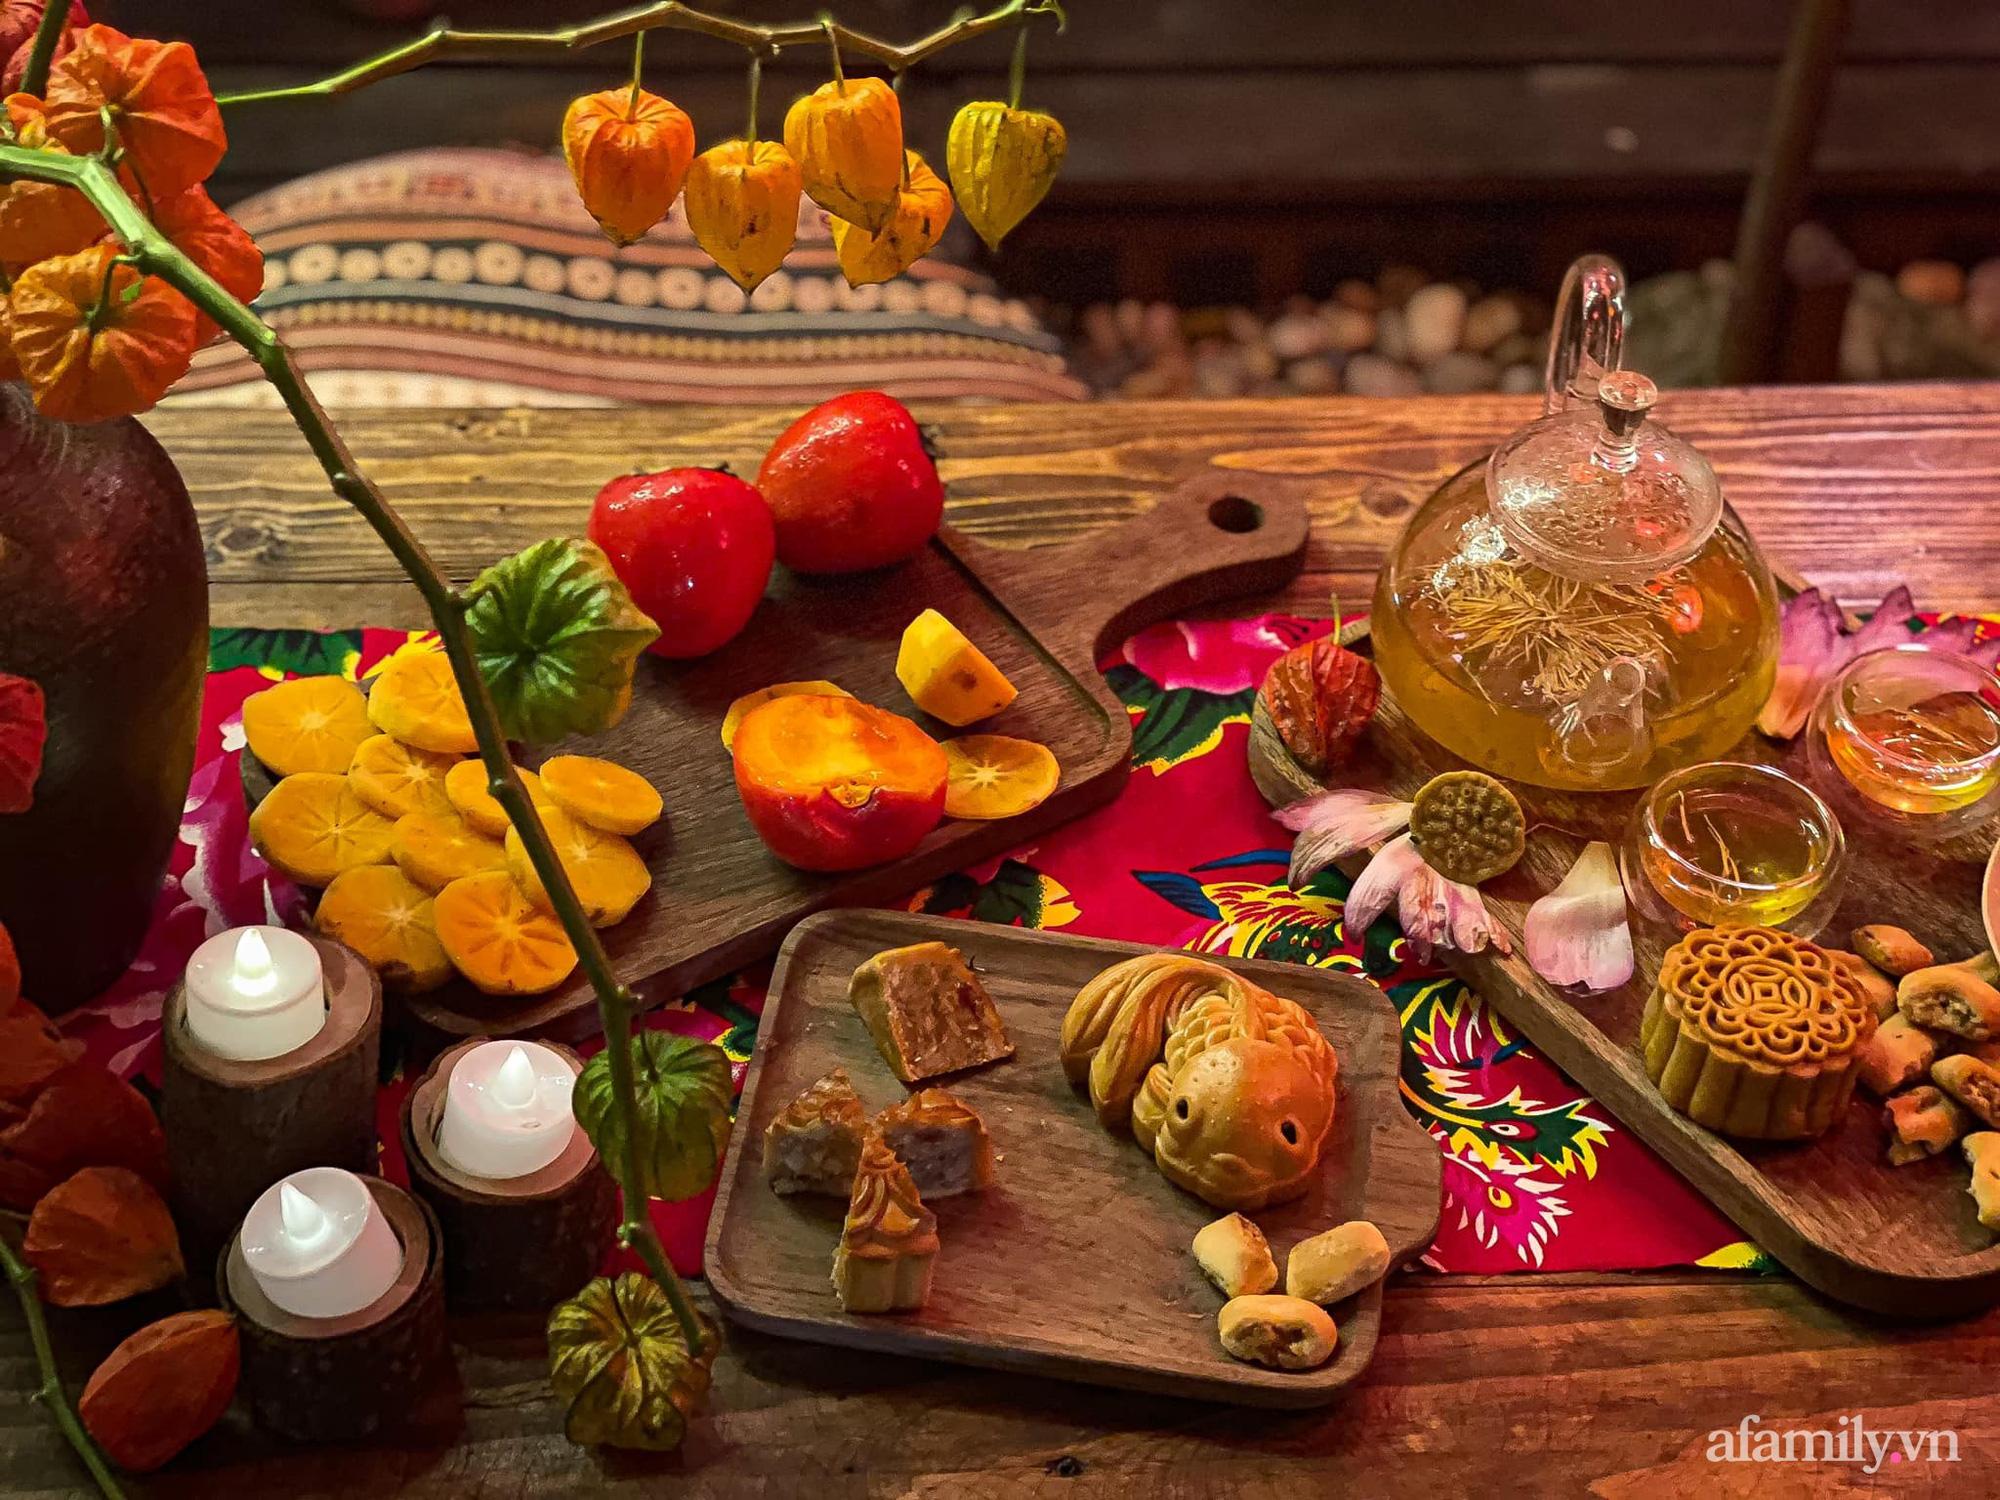 Phòng ngủ lung linh rực rỡ sắc màu Trung thu nhờ bàn tay khéo decor của cô gái Hà Nội-10